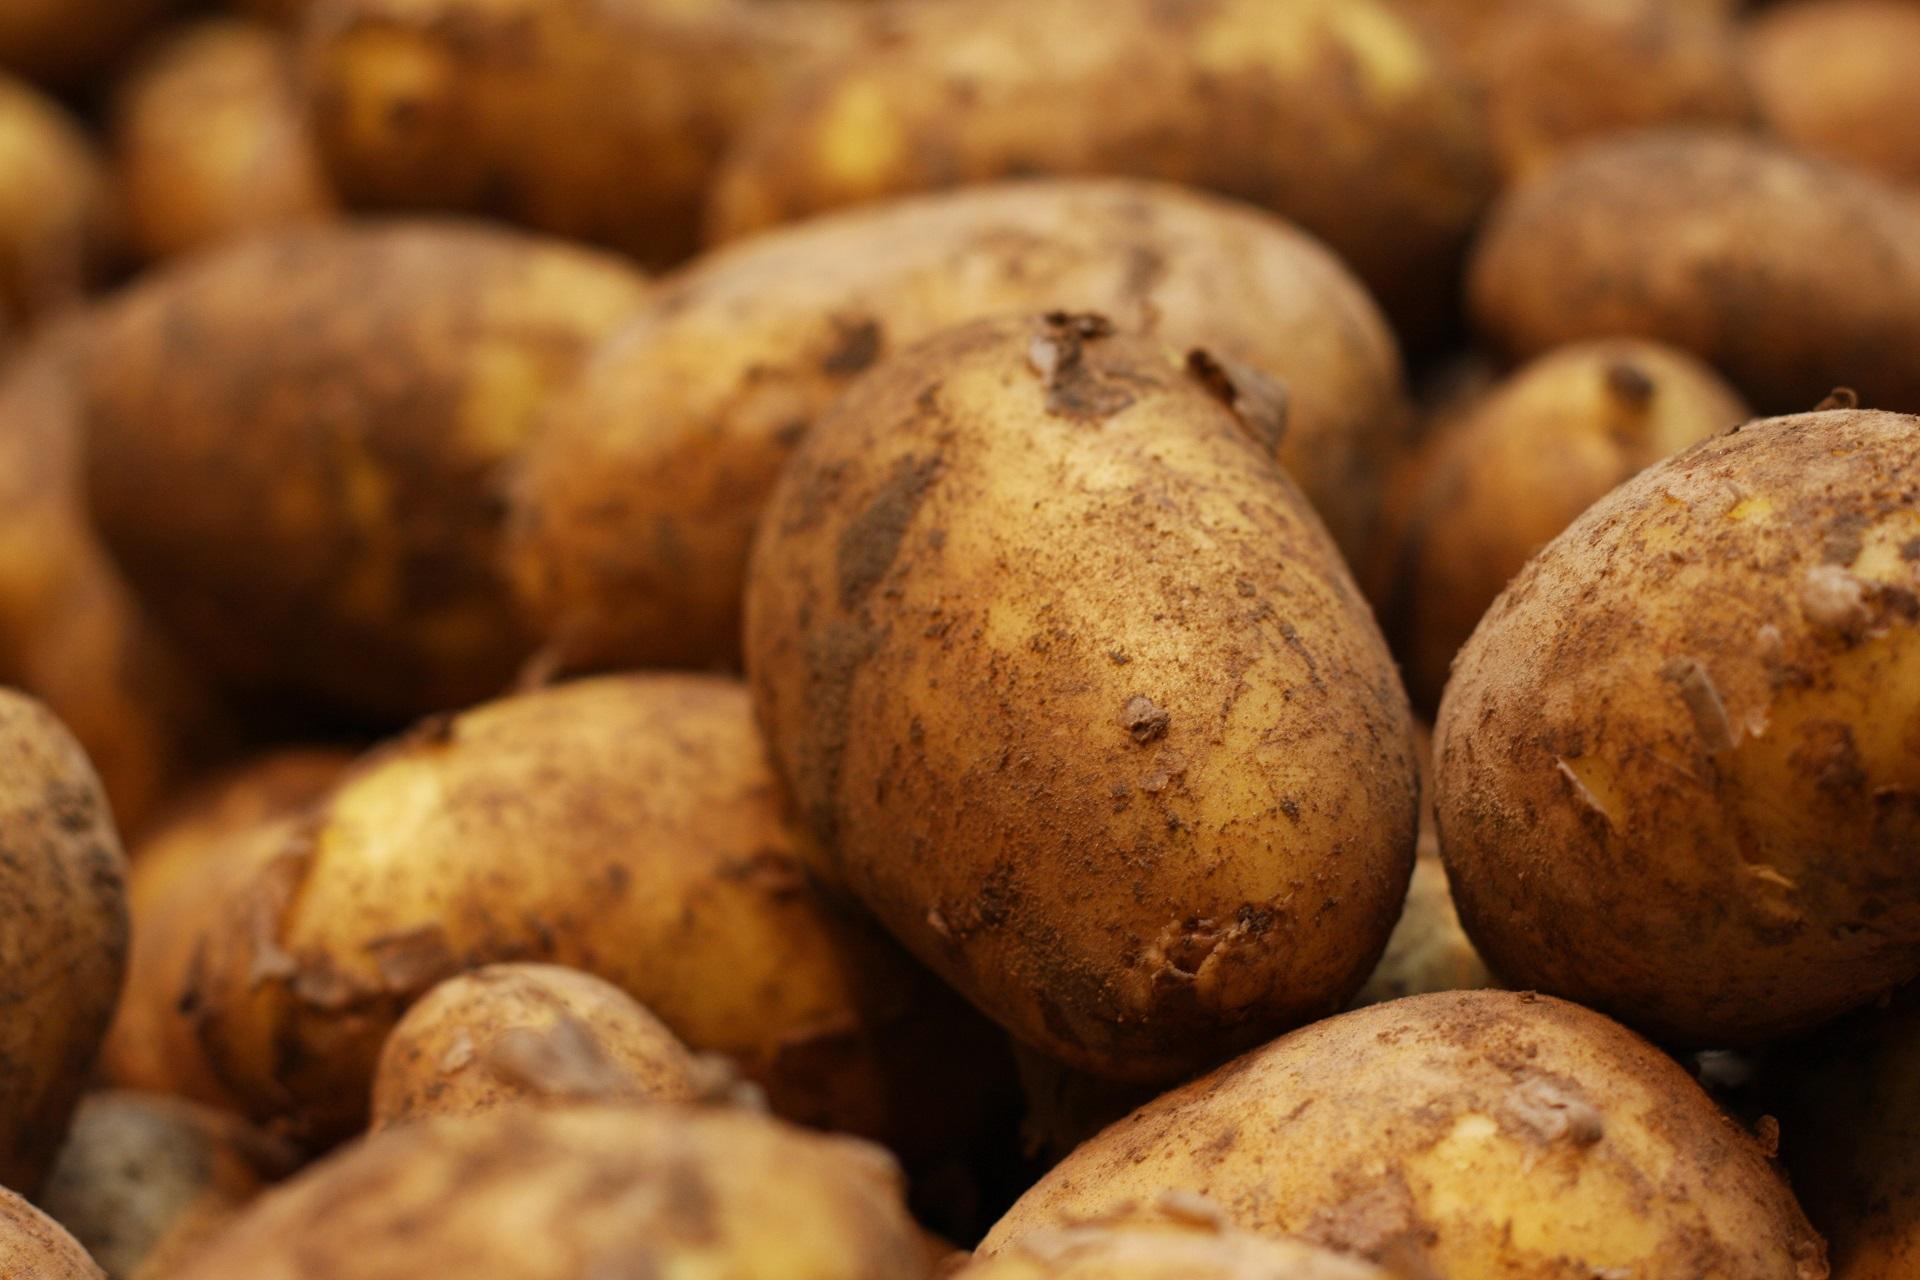 Frühkartoffel Leyla